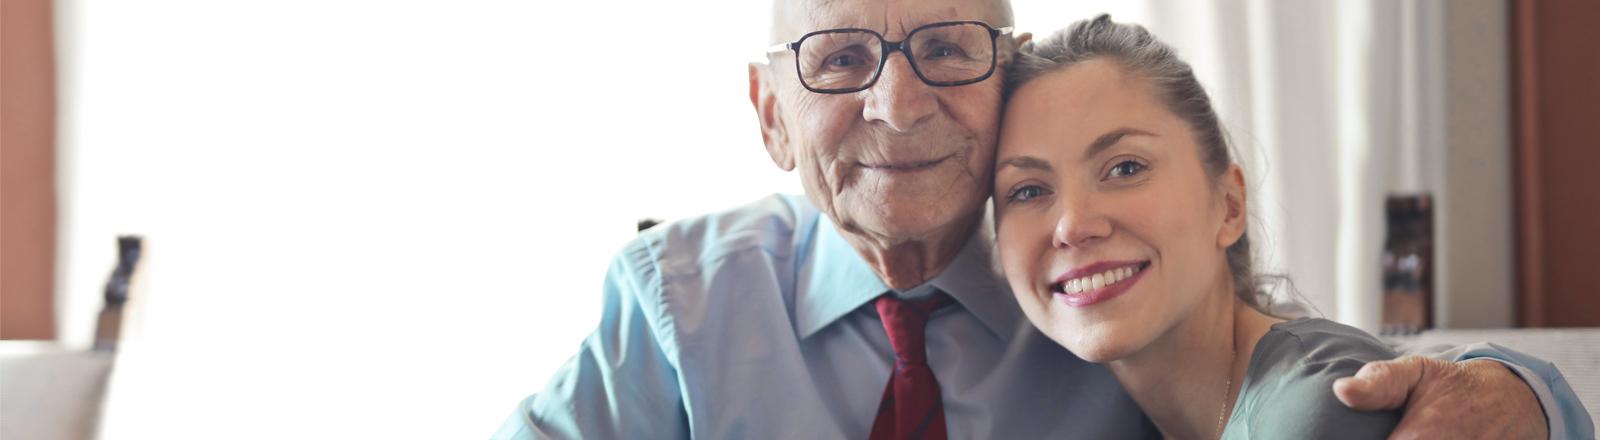 Ein alter Mann hat den Arm um eine jüngere Frau gelegt.